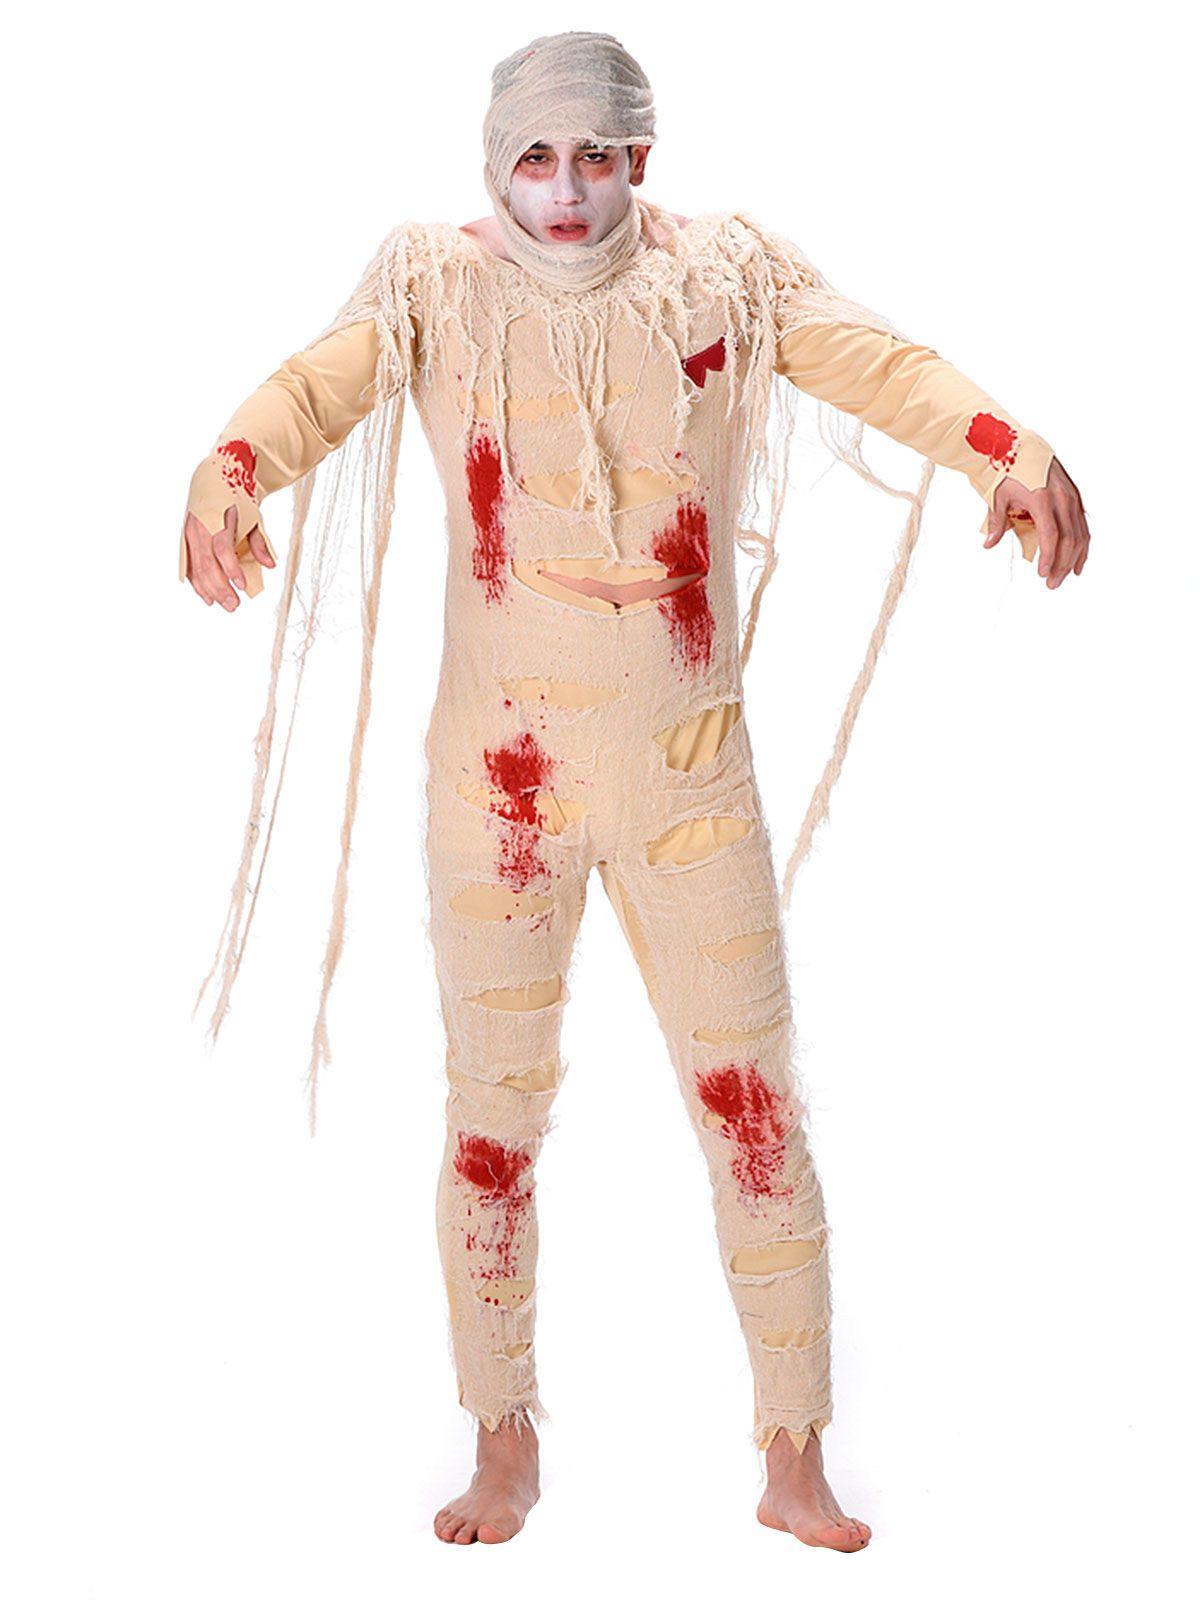 blutige mumie halloweenkostüm beige-rot. aus der kategorie halloween